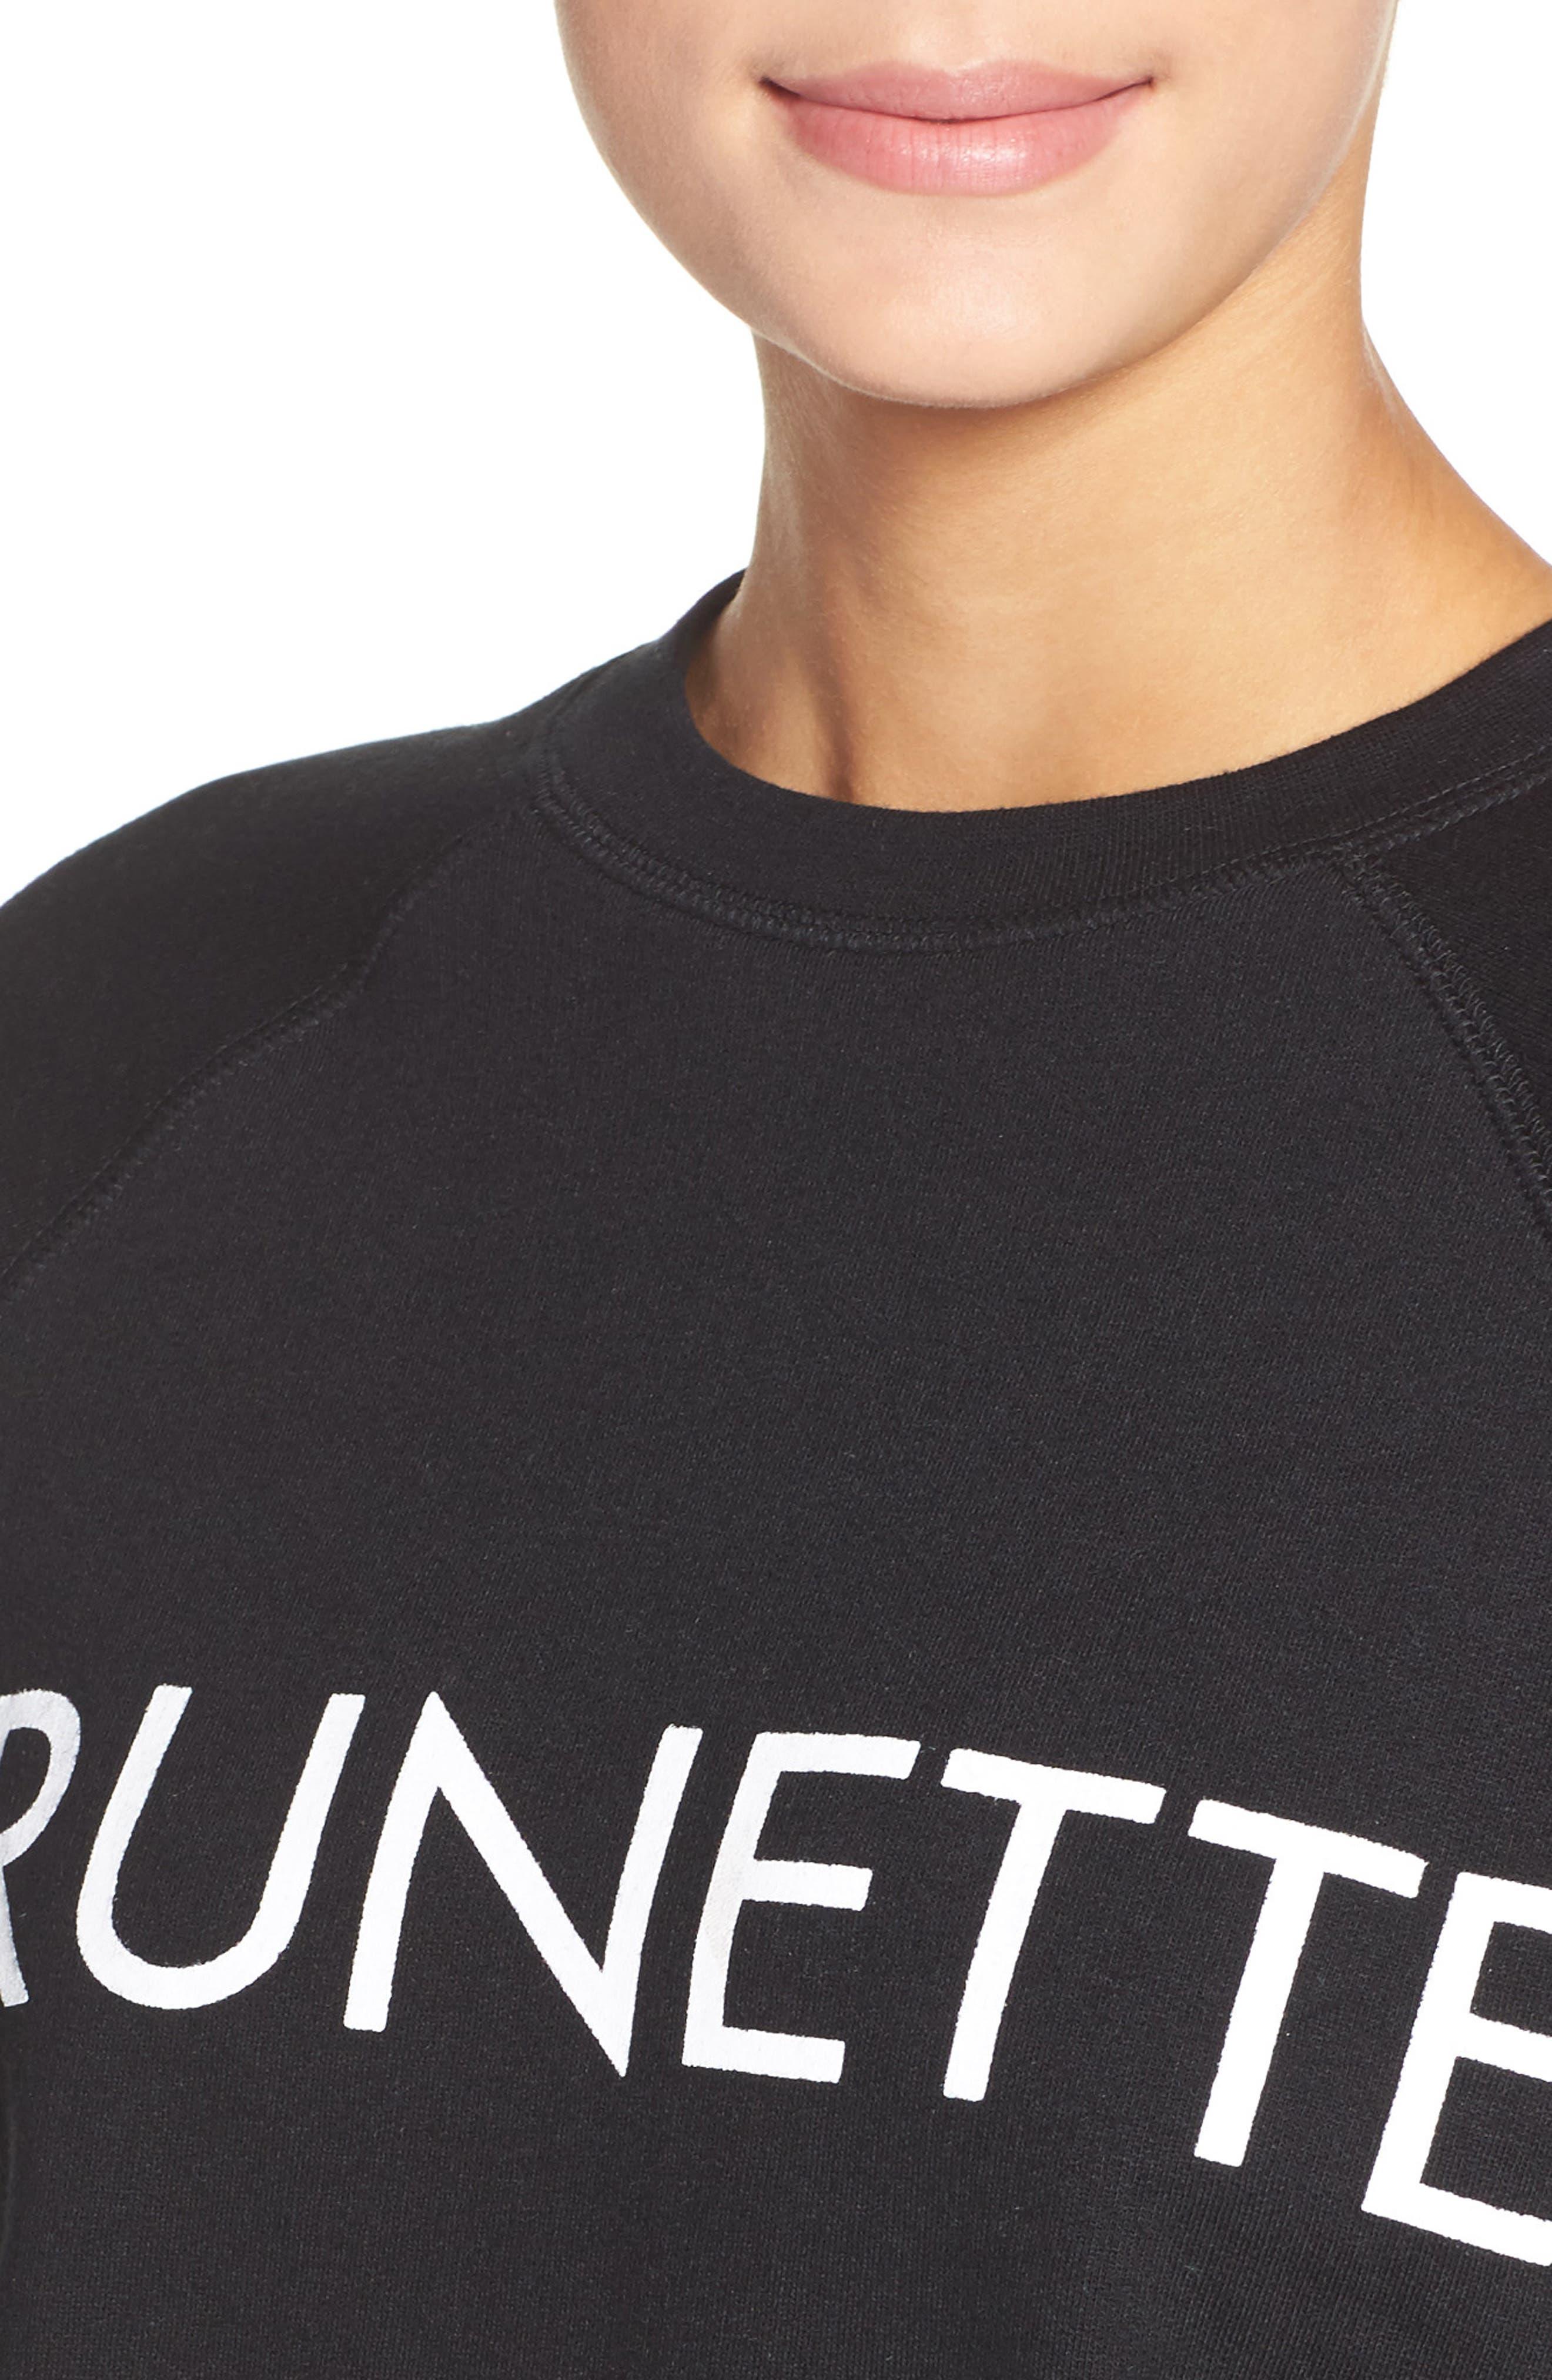 Brunette Crewneck Sweatshirt,                             Alternate thumbnail 5, color,                             001